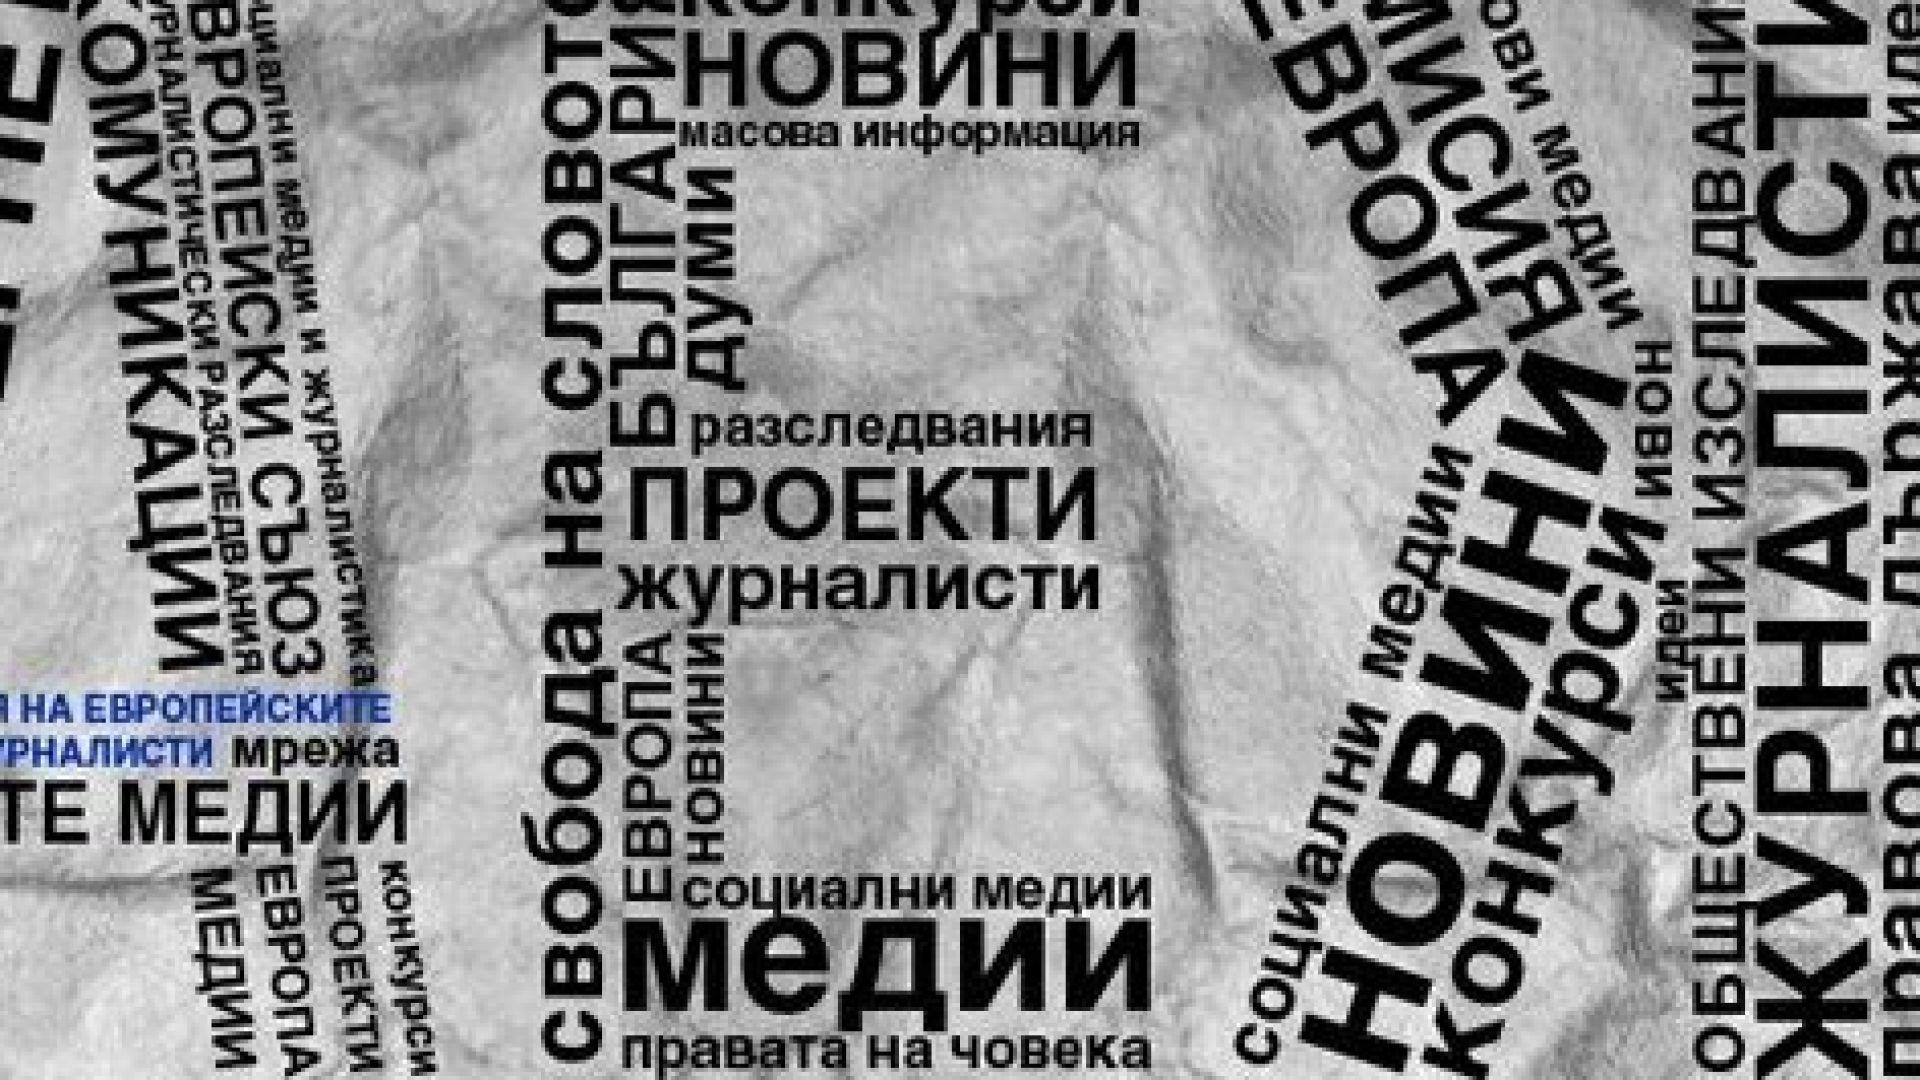 Европейска асоциация: Задържането на журналисти показа притеснителни дефицити в МВР